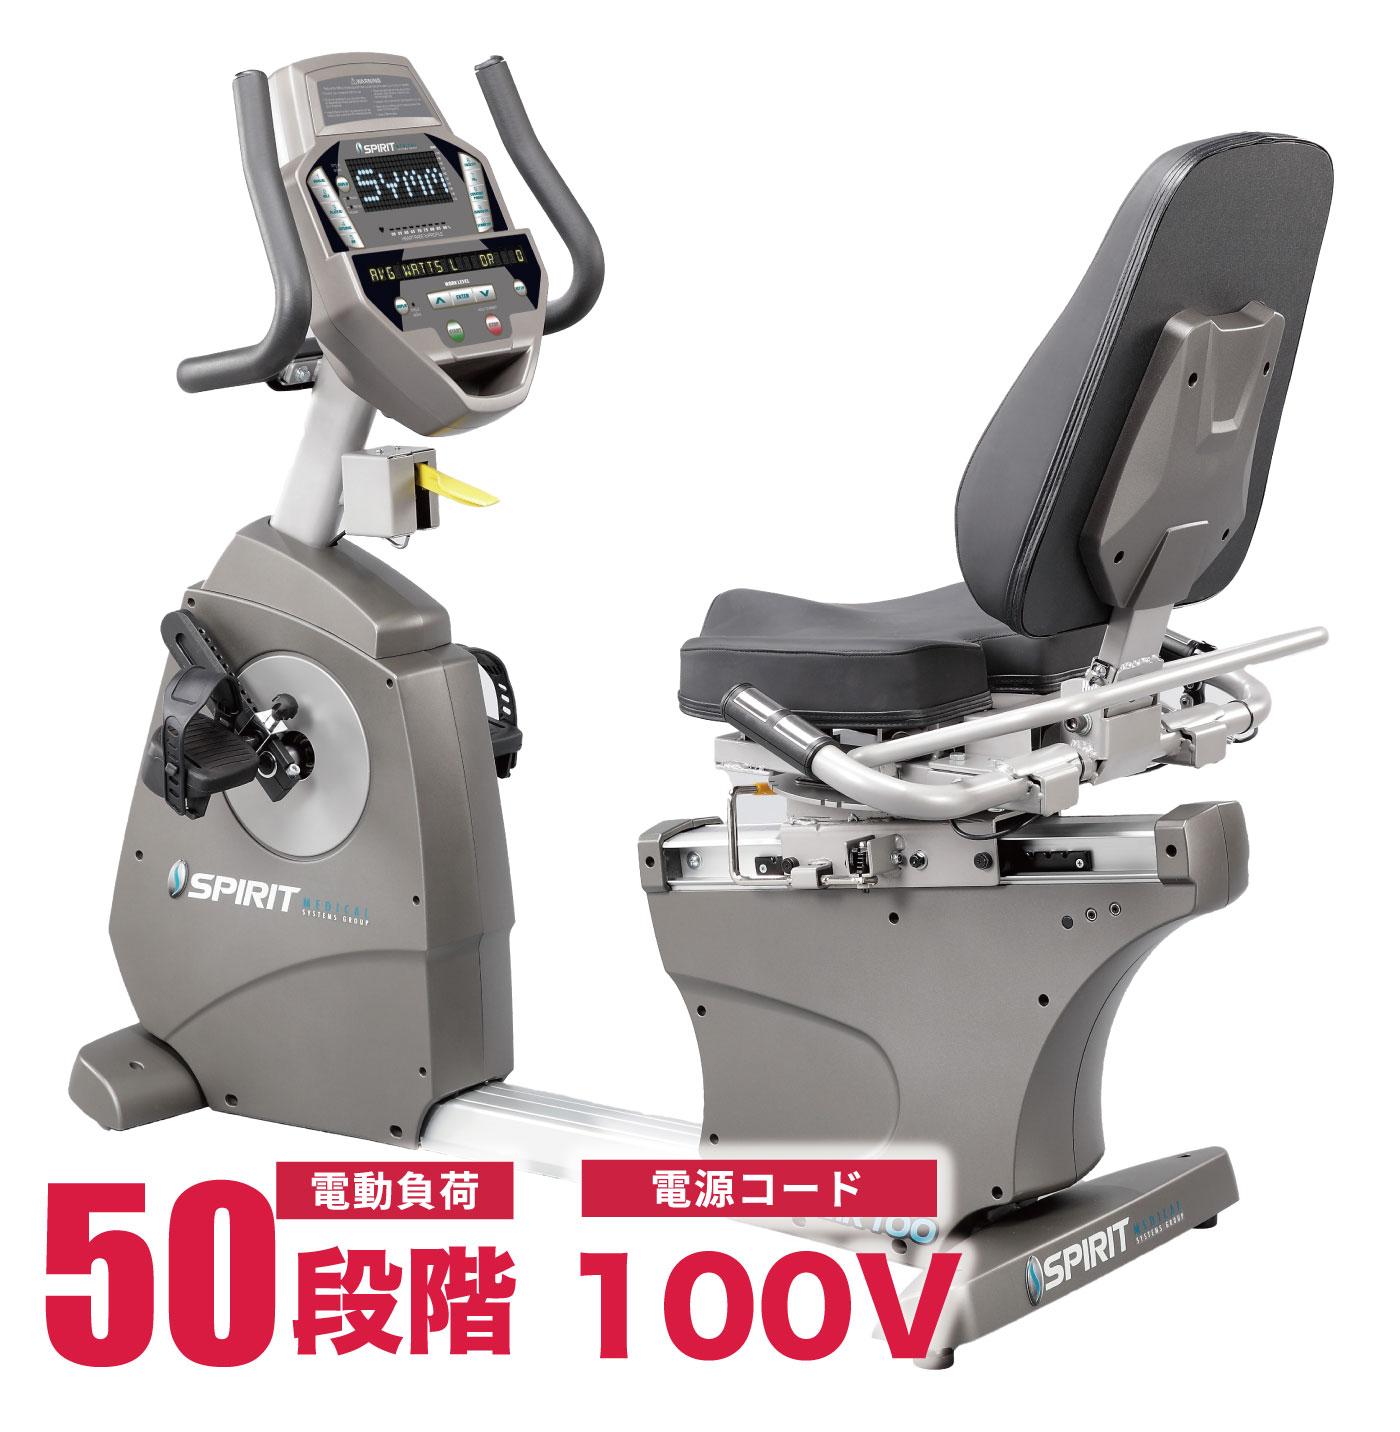 医療用リカンベントバイクMR100の特徴